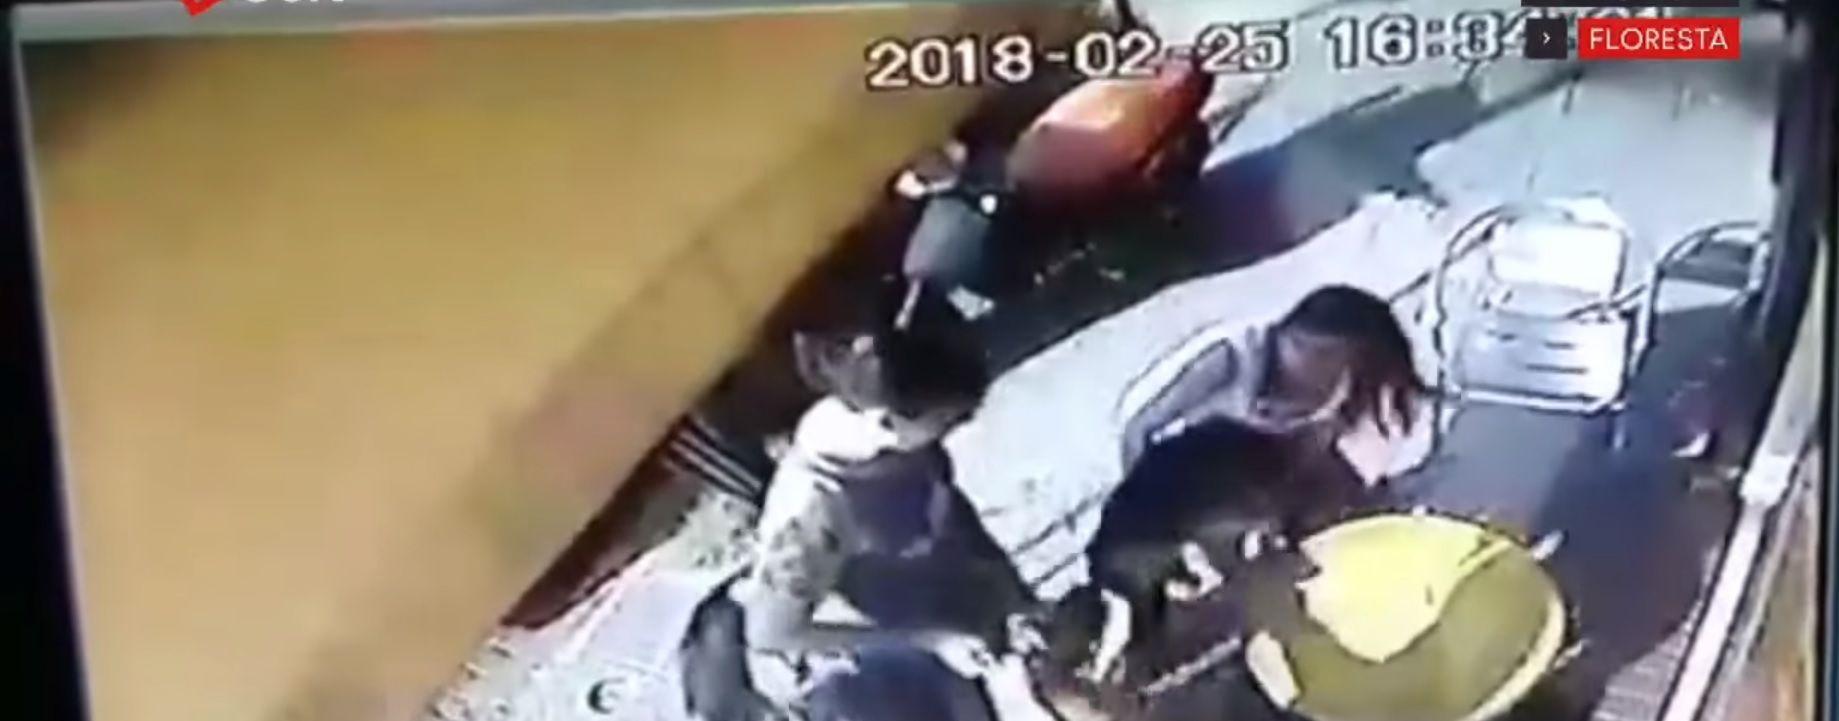 Tomaban un helado en Floresta y fueron atacados por un pitbull sin correa